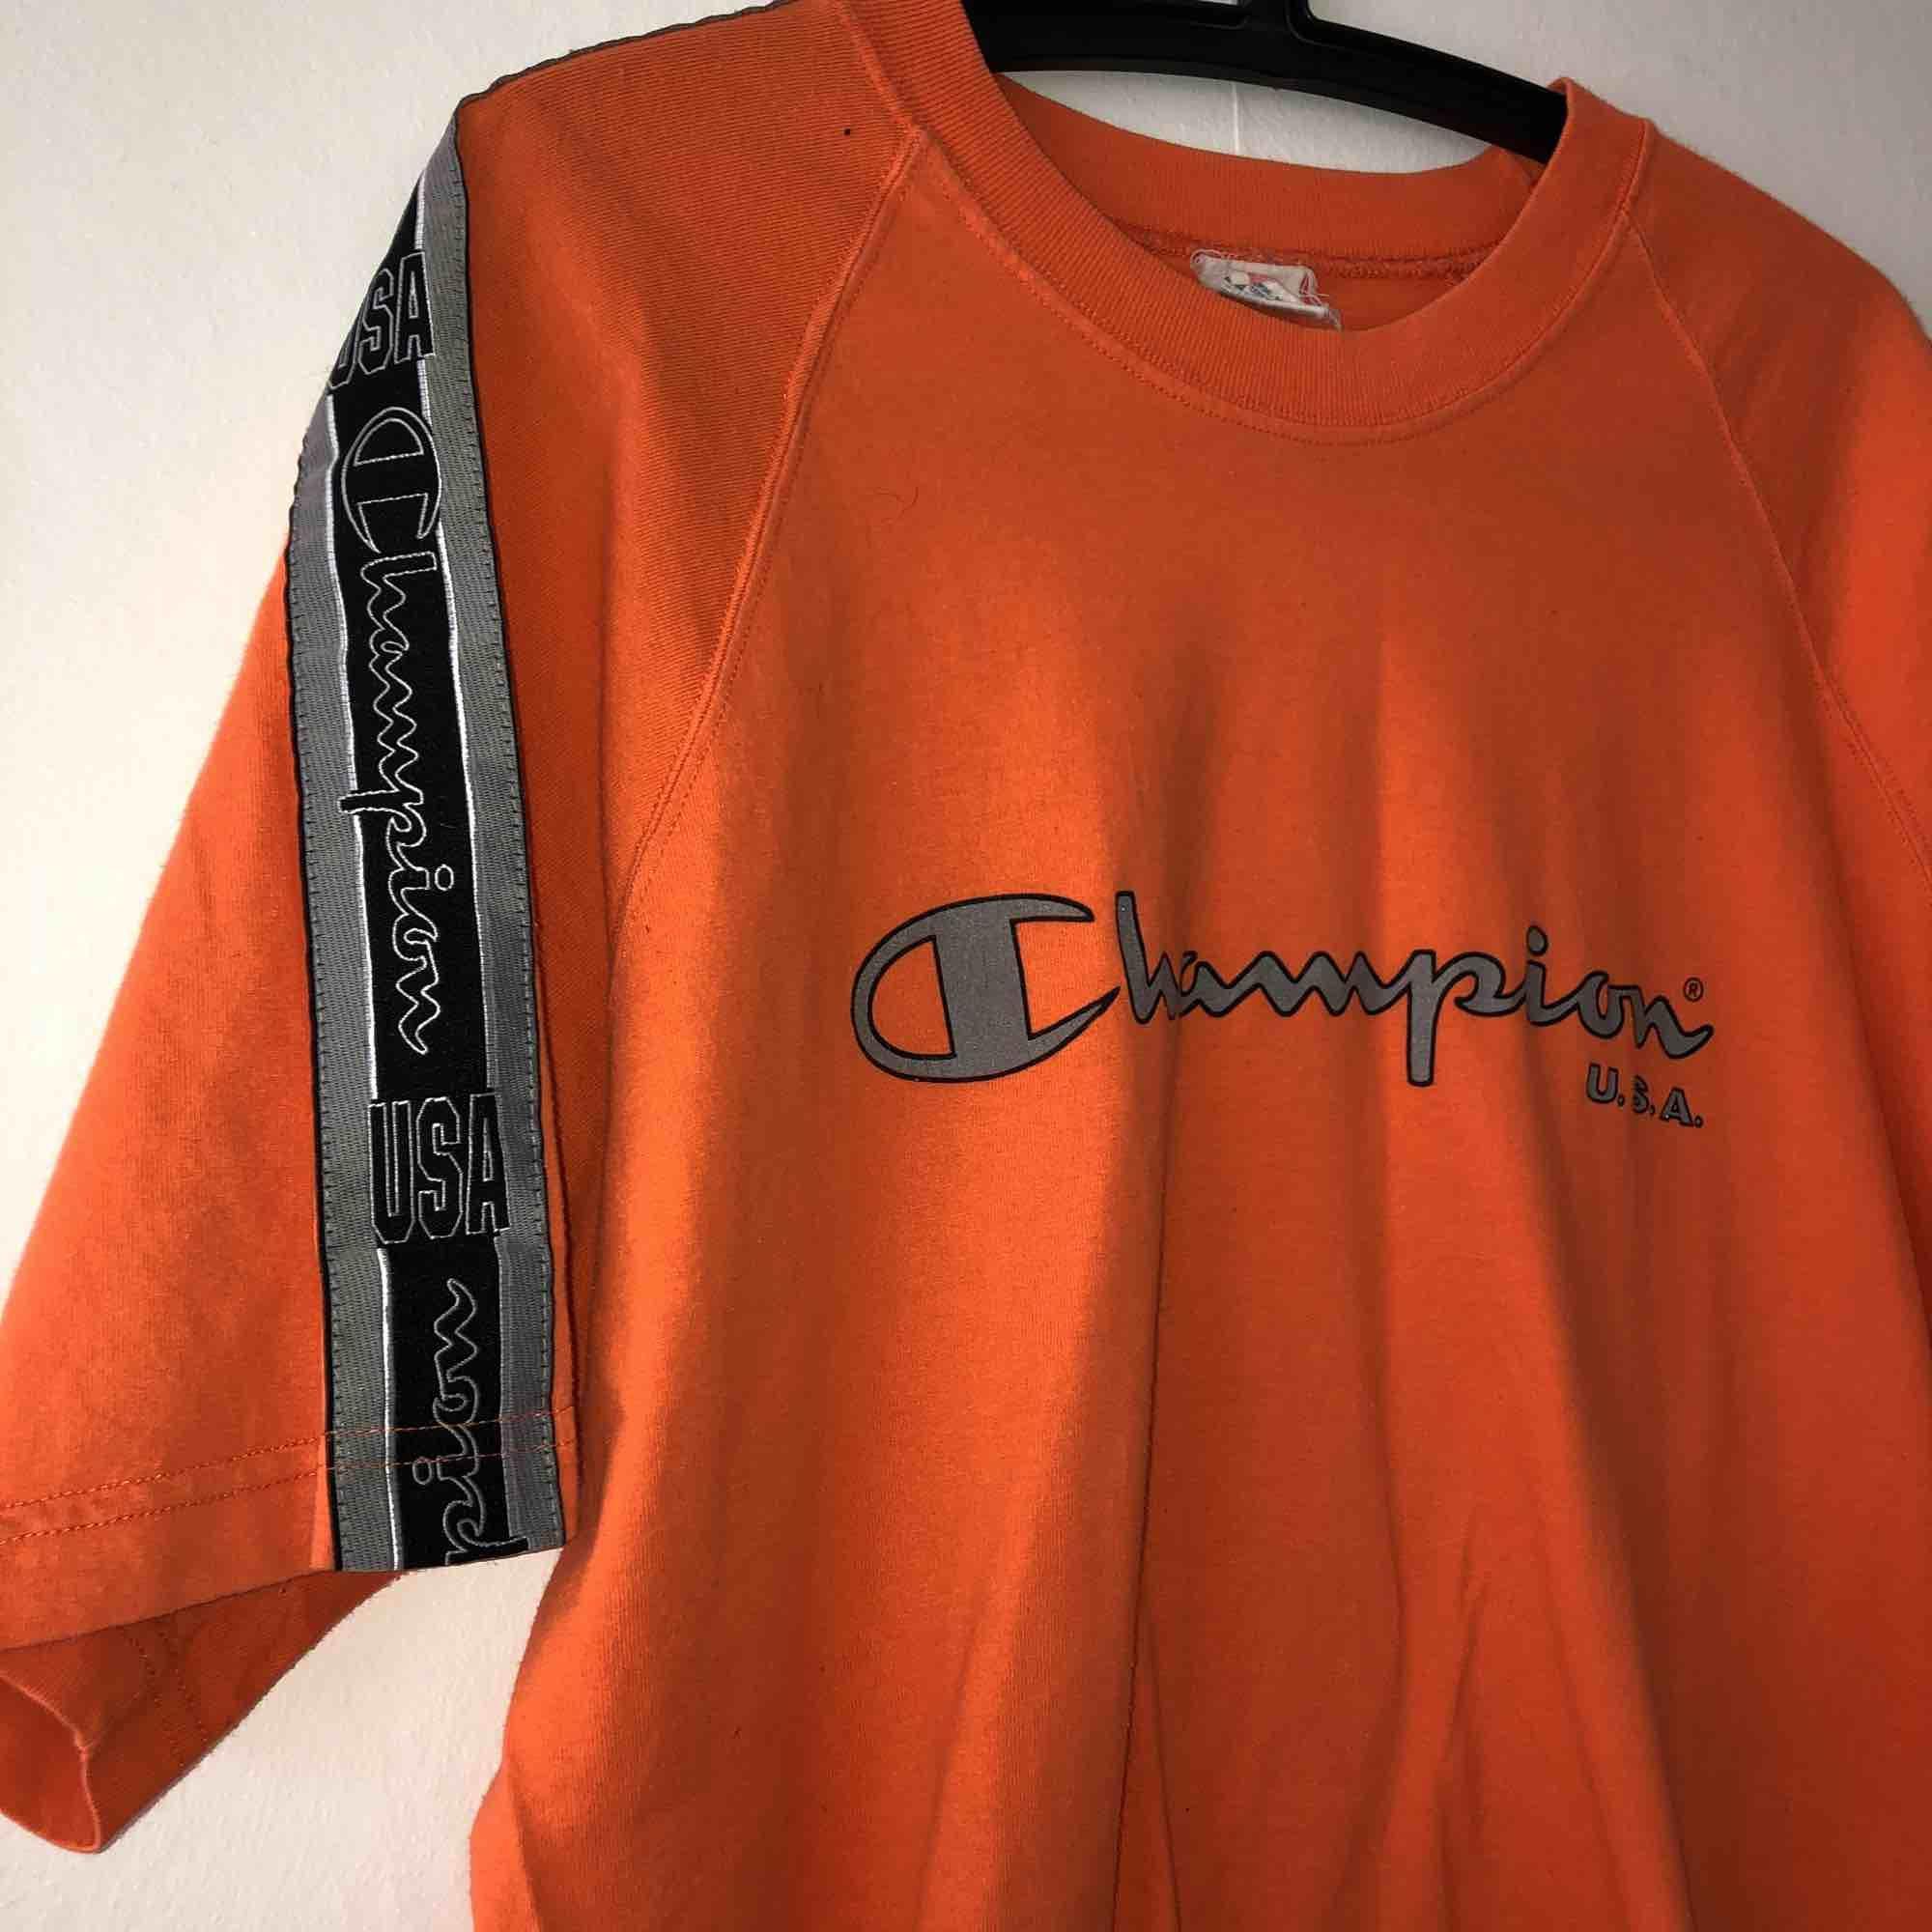 Vintage champion, använd en gång utav mig. T-shirts.